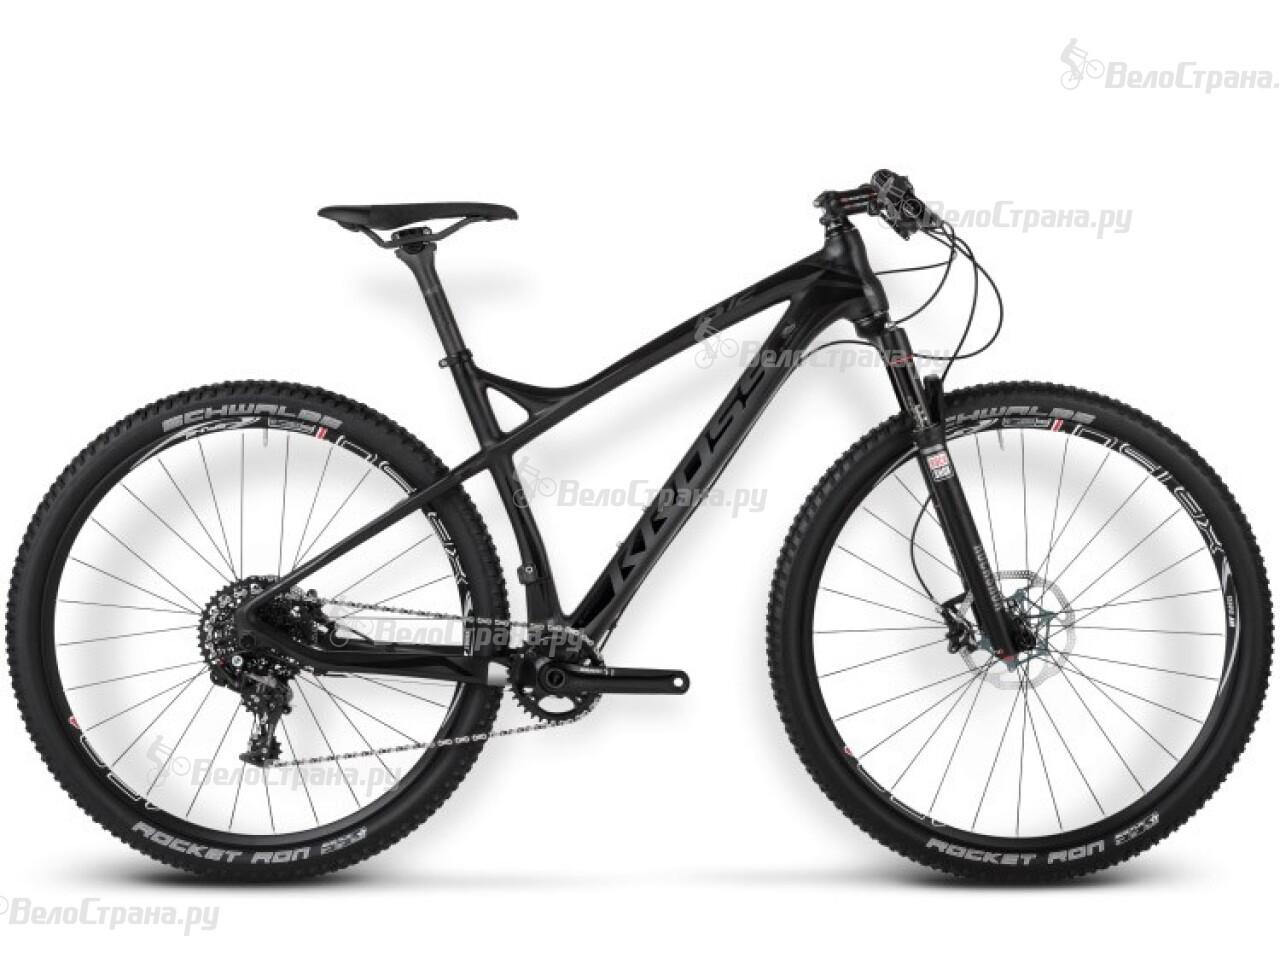 Велосипед Kross Level B12 (2015) 2015 csm360